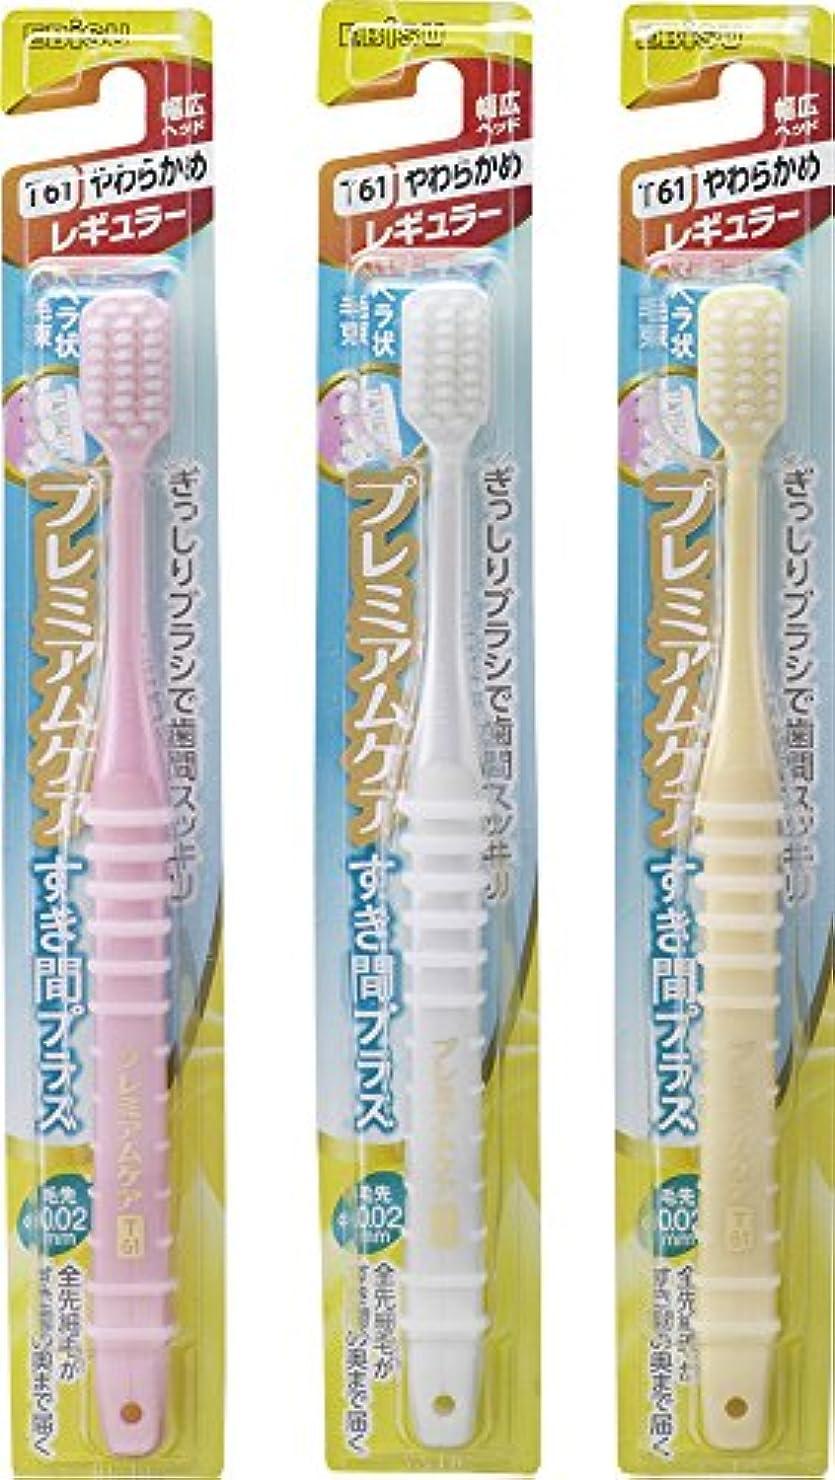 オーク強調する酸エビス 歯ブラシ プレミアムケア すき間プラス レギュラー やわらかめ 3本組 色おまかせ